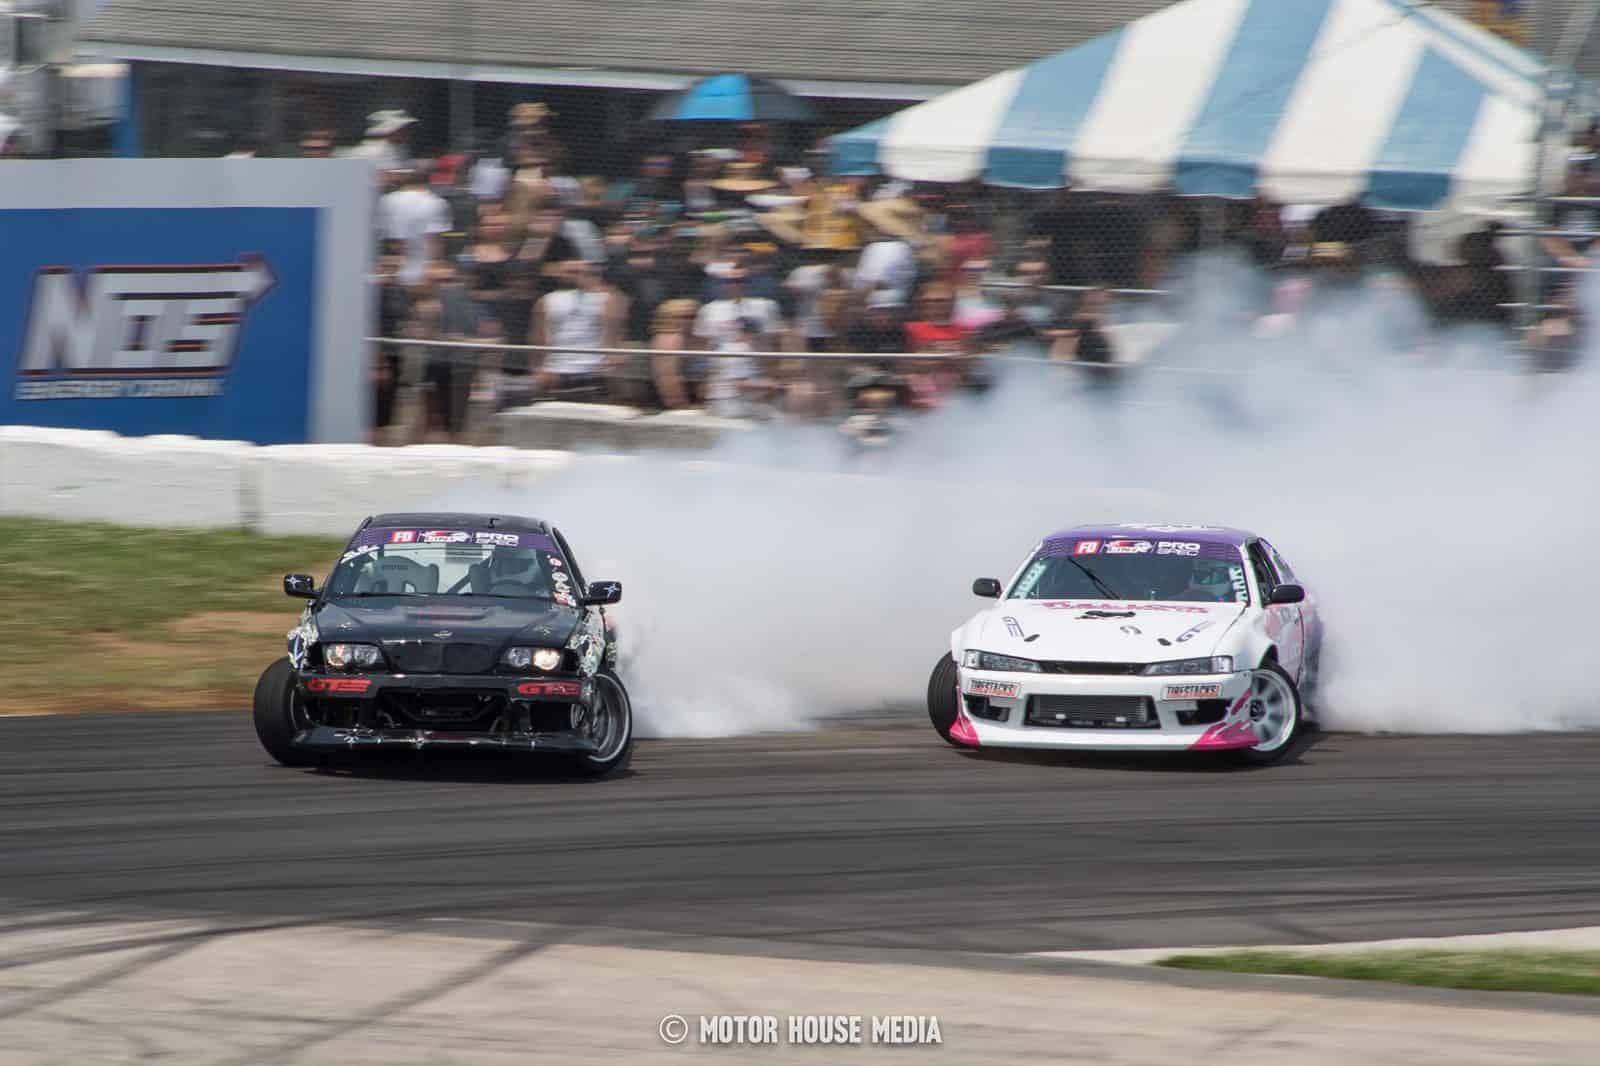 Formula Drift cars on the englishtown drift track